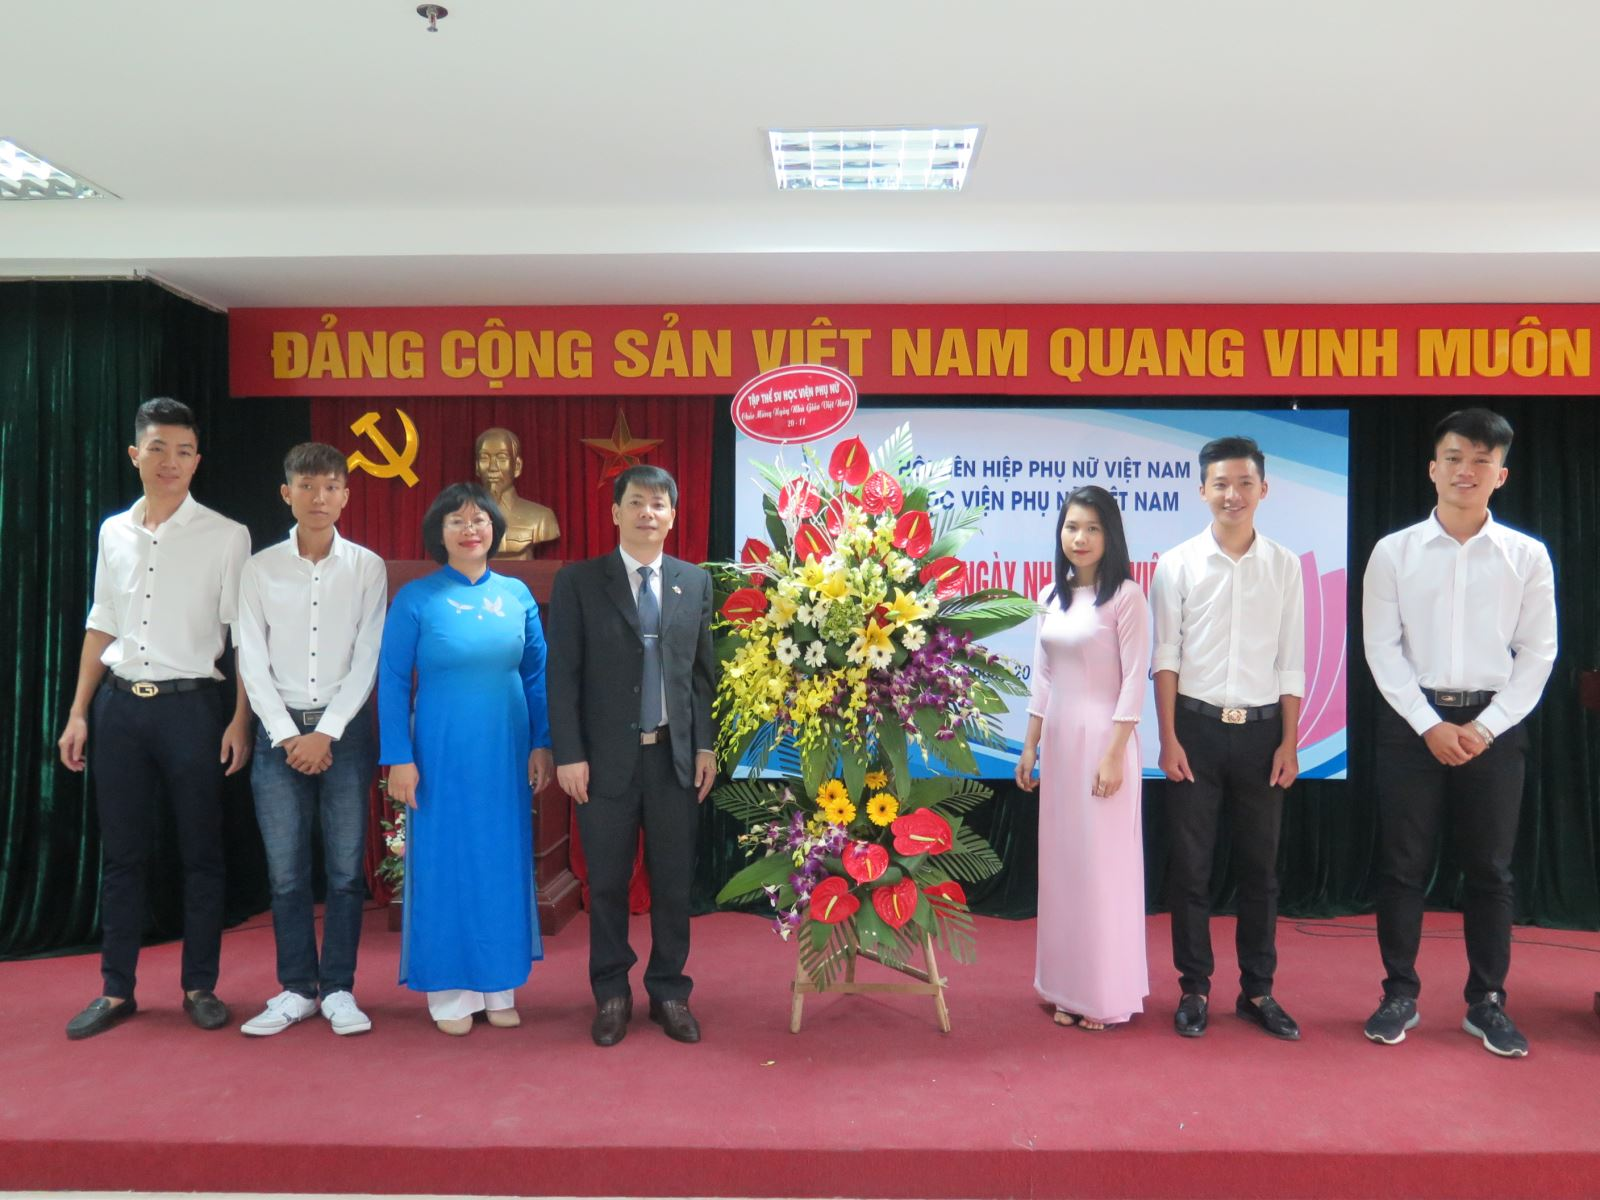 Học viện Phụ nữ Việt Nam tổ chức Kỉ niệm 35 năm ngày Nhà giáo Việt Nam